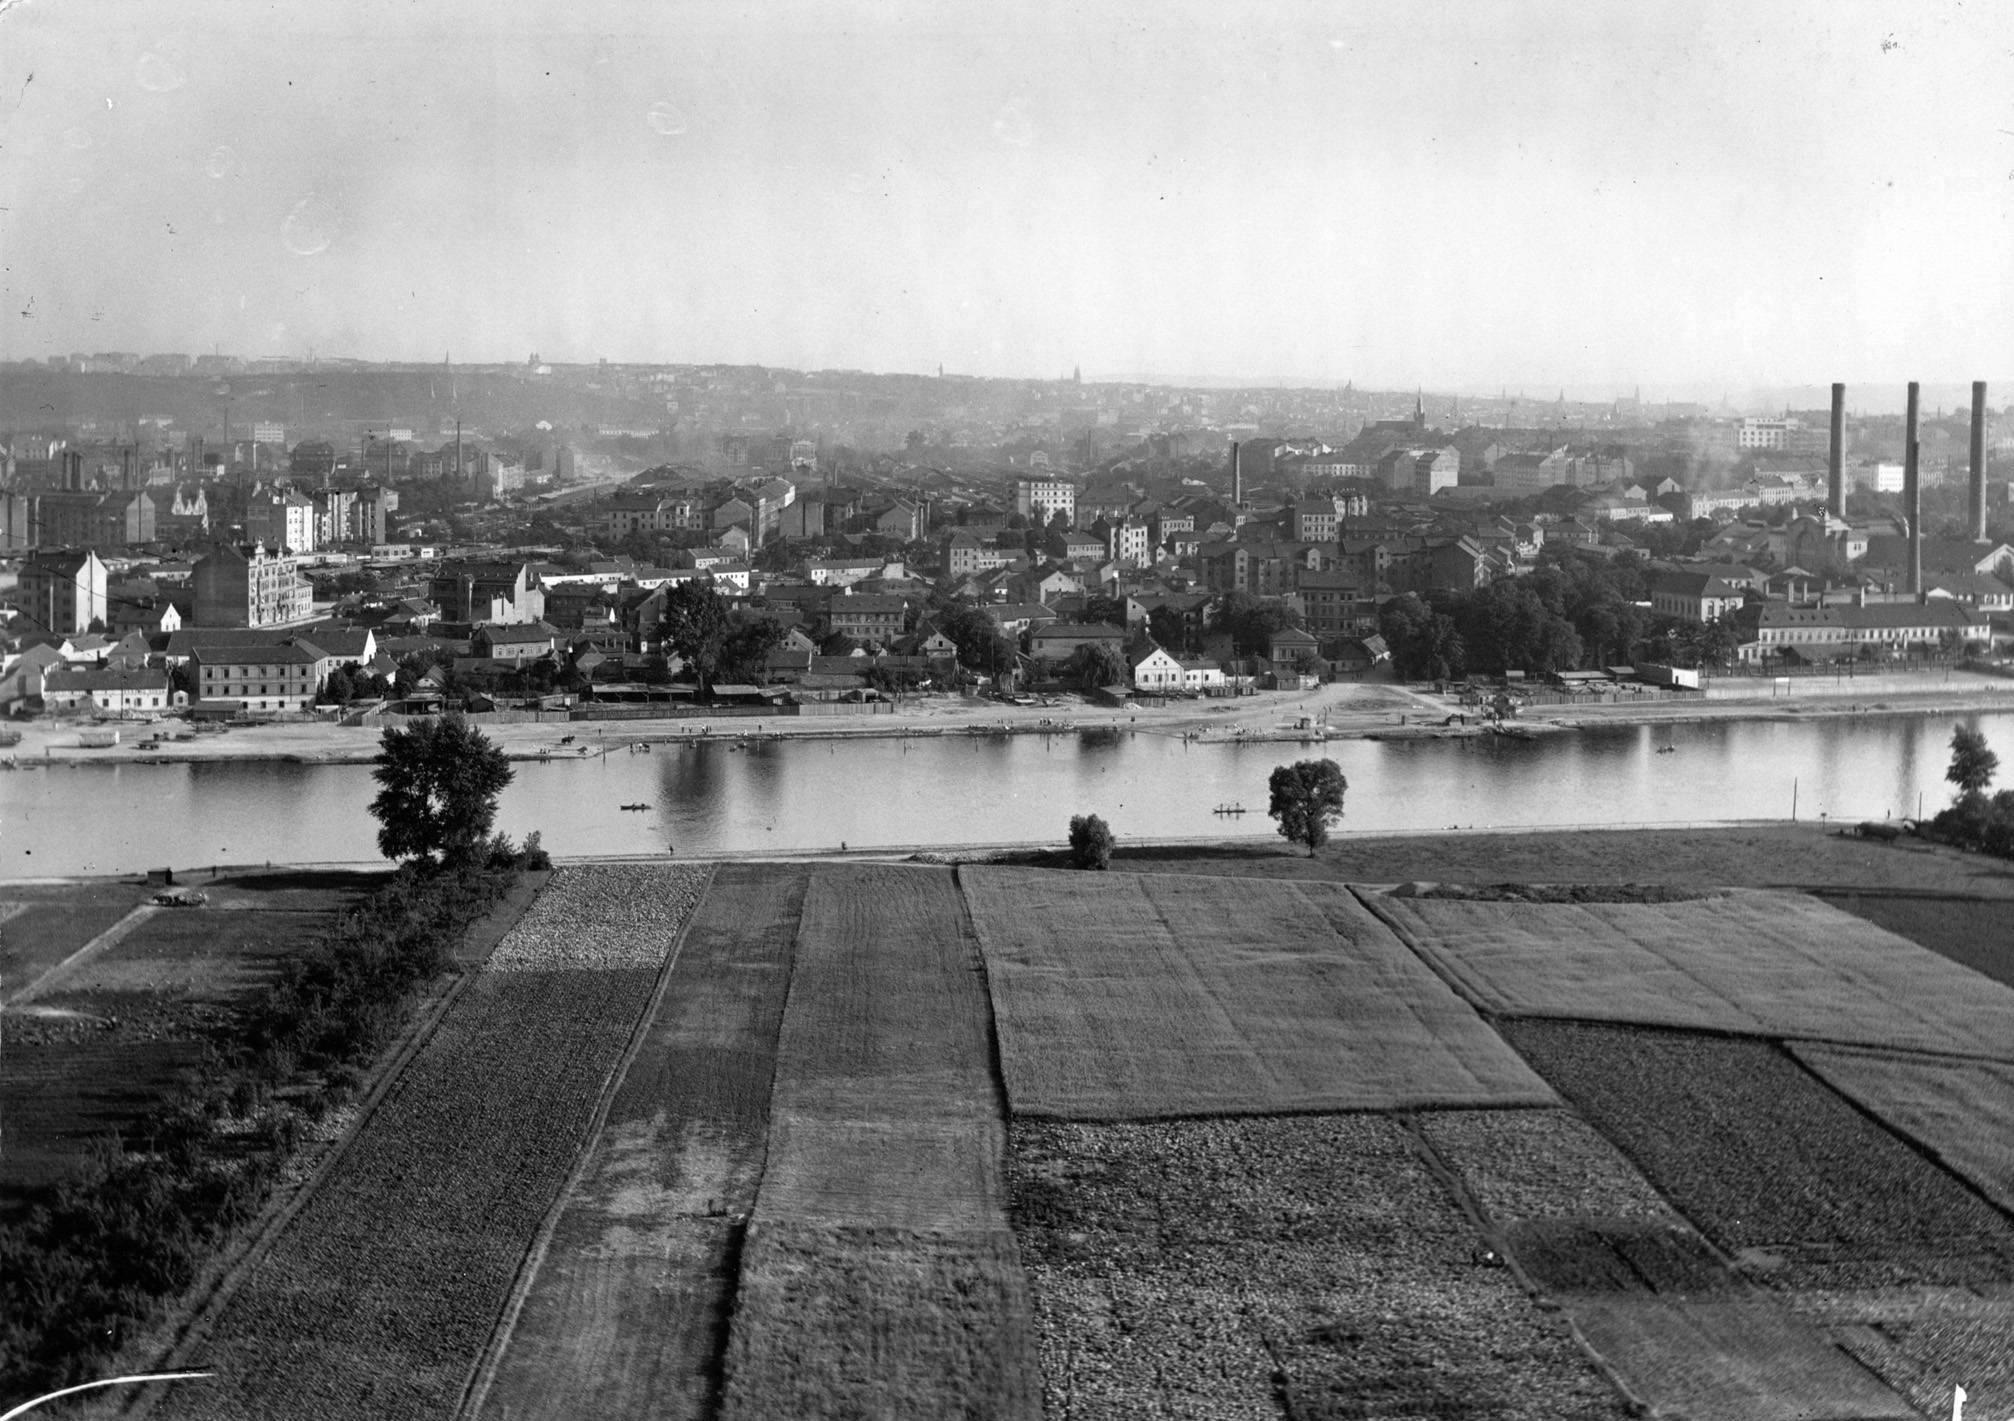 Tento snímek z roku 1928 navazuje na předchozí a ukazuje staré Holešovice, půvabnou vesnici na břehu Vltavy, prakticky zcela zničenou při výstavbě holešovického nádraží v osmdesátých letech 20.století. Zcela vpravo jdou vidět charakteristické komíny holešovické elektrány, která se dodnes částečně zachovala v sousedství Stromovky a areálu holešovického výstaviště. - popisky sepsal architekt Petr Kučera